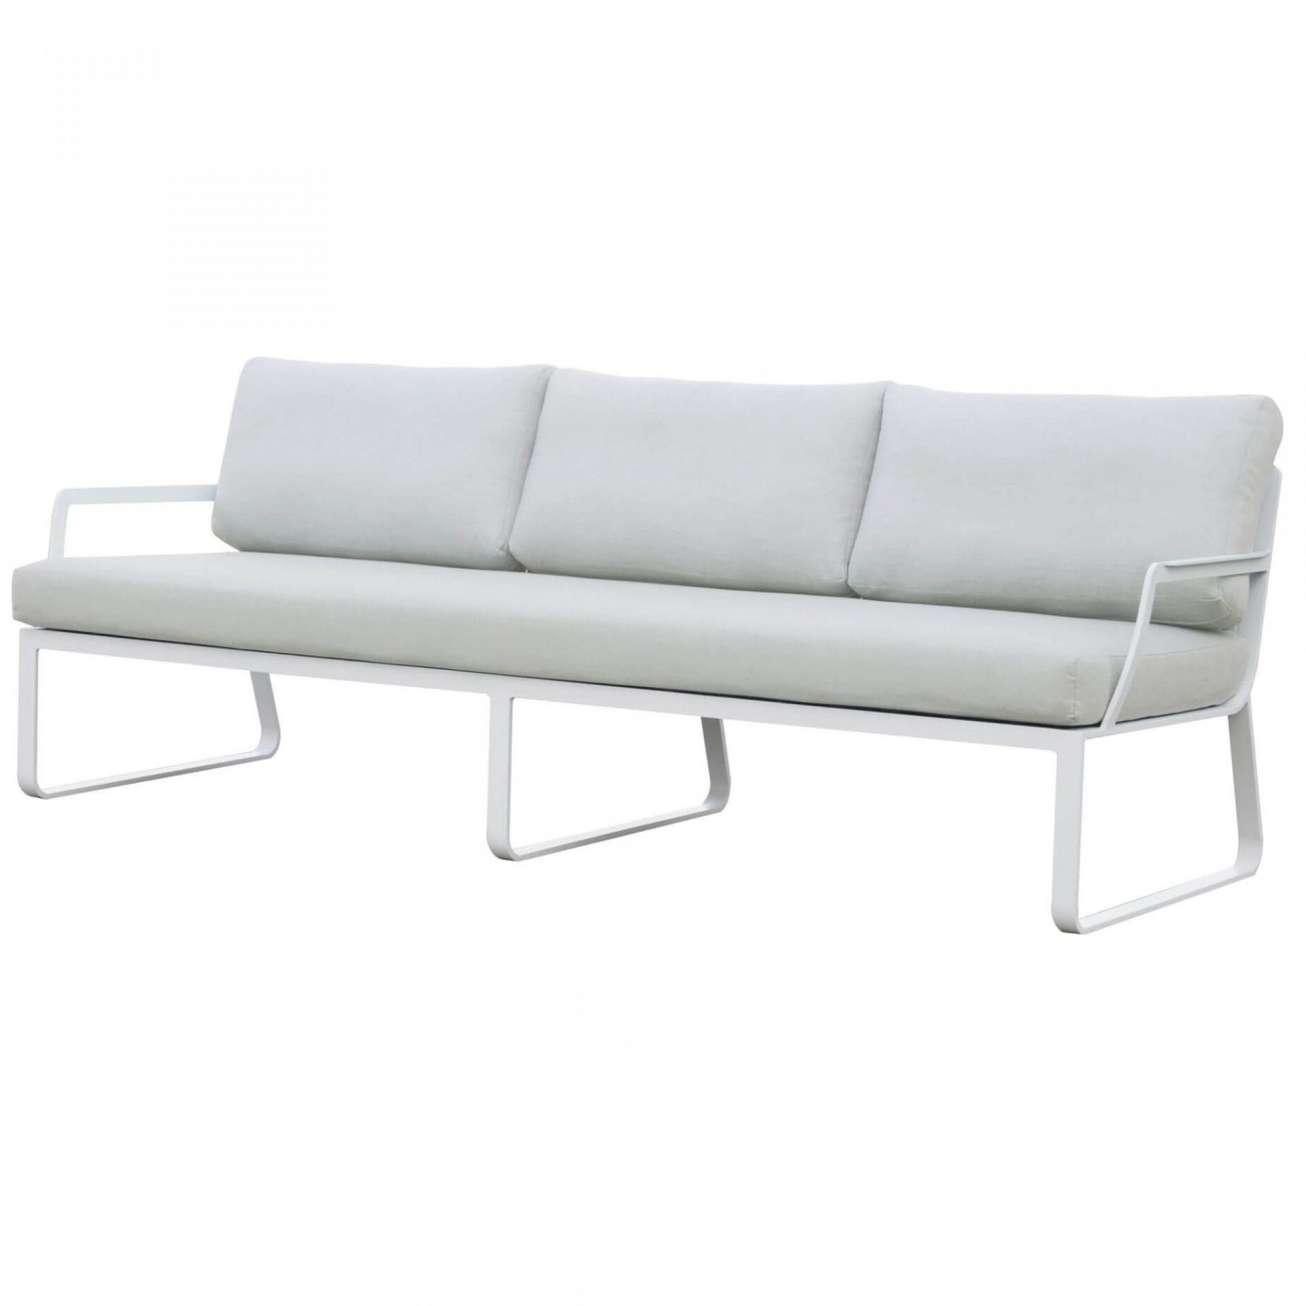 Gardenart treseter sofa i ramme av hvit aluminium og lysegrå tekstil